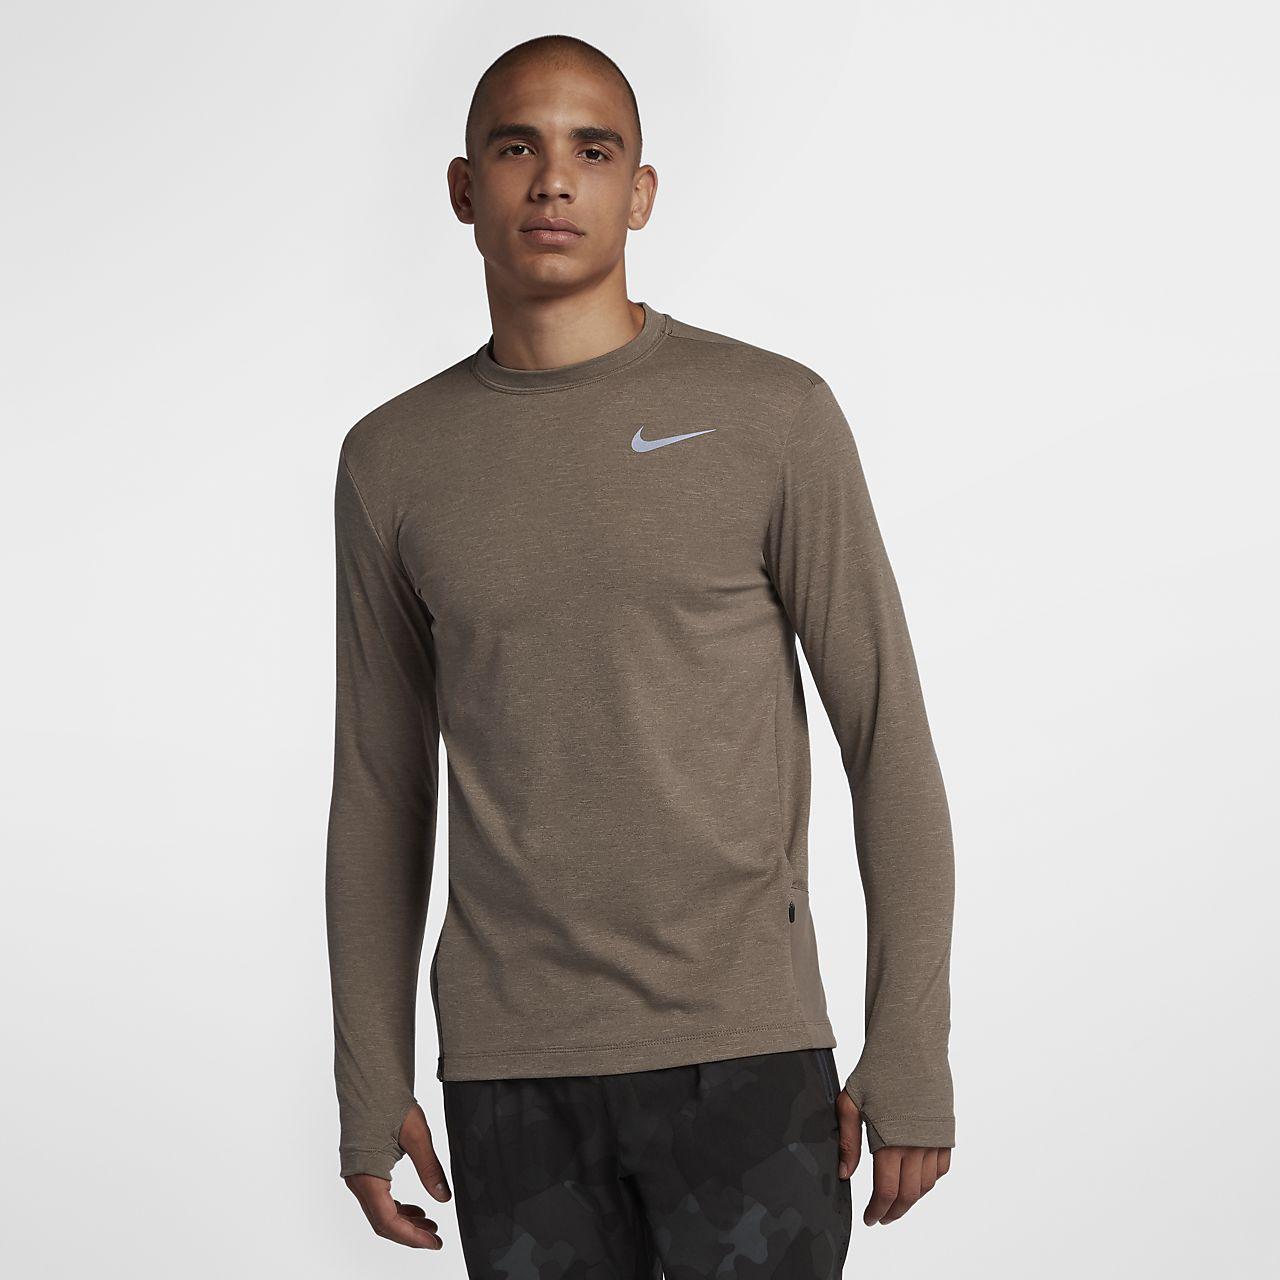 Maglia da running a manica lunga Nike Sphere 2.0 - Uomo